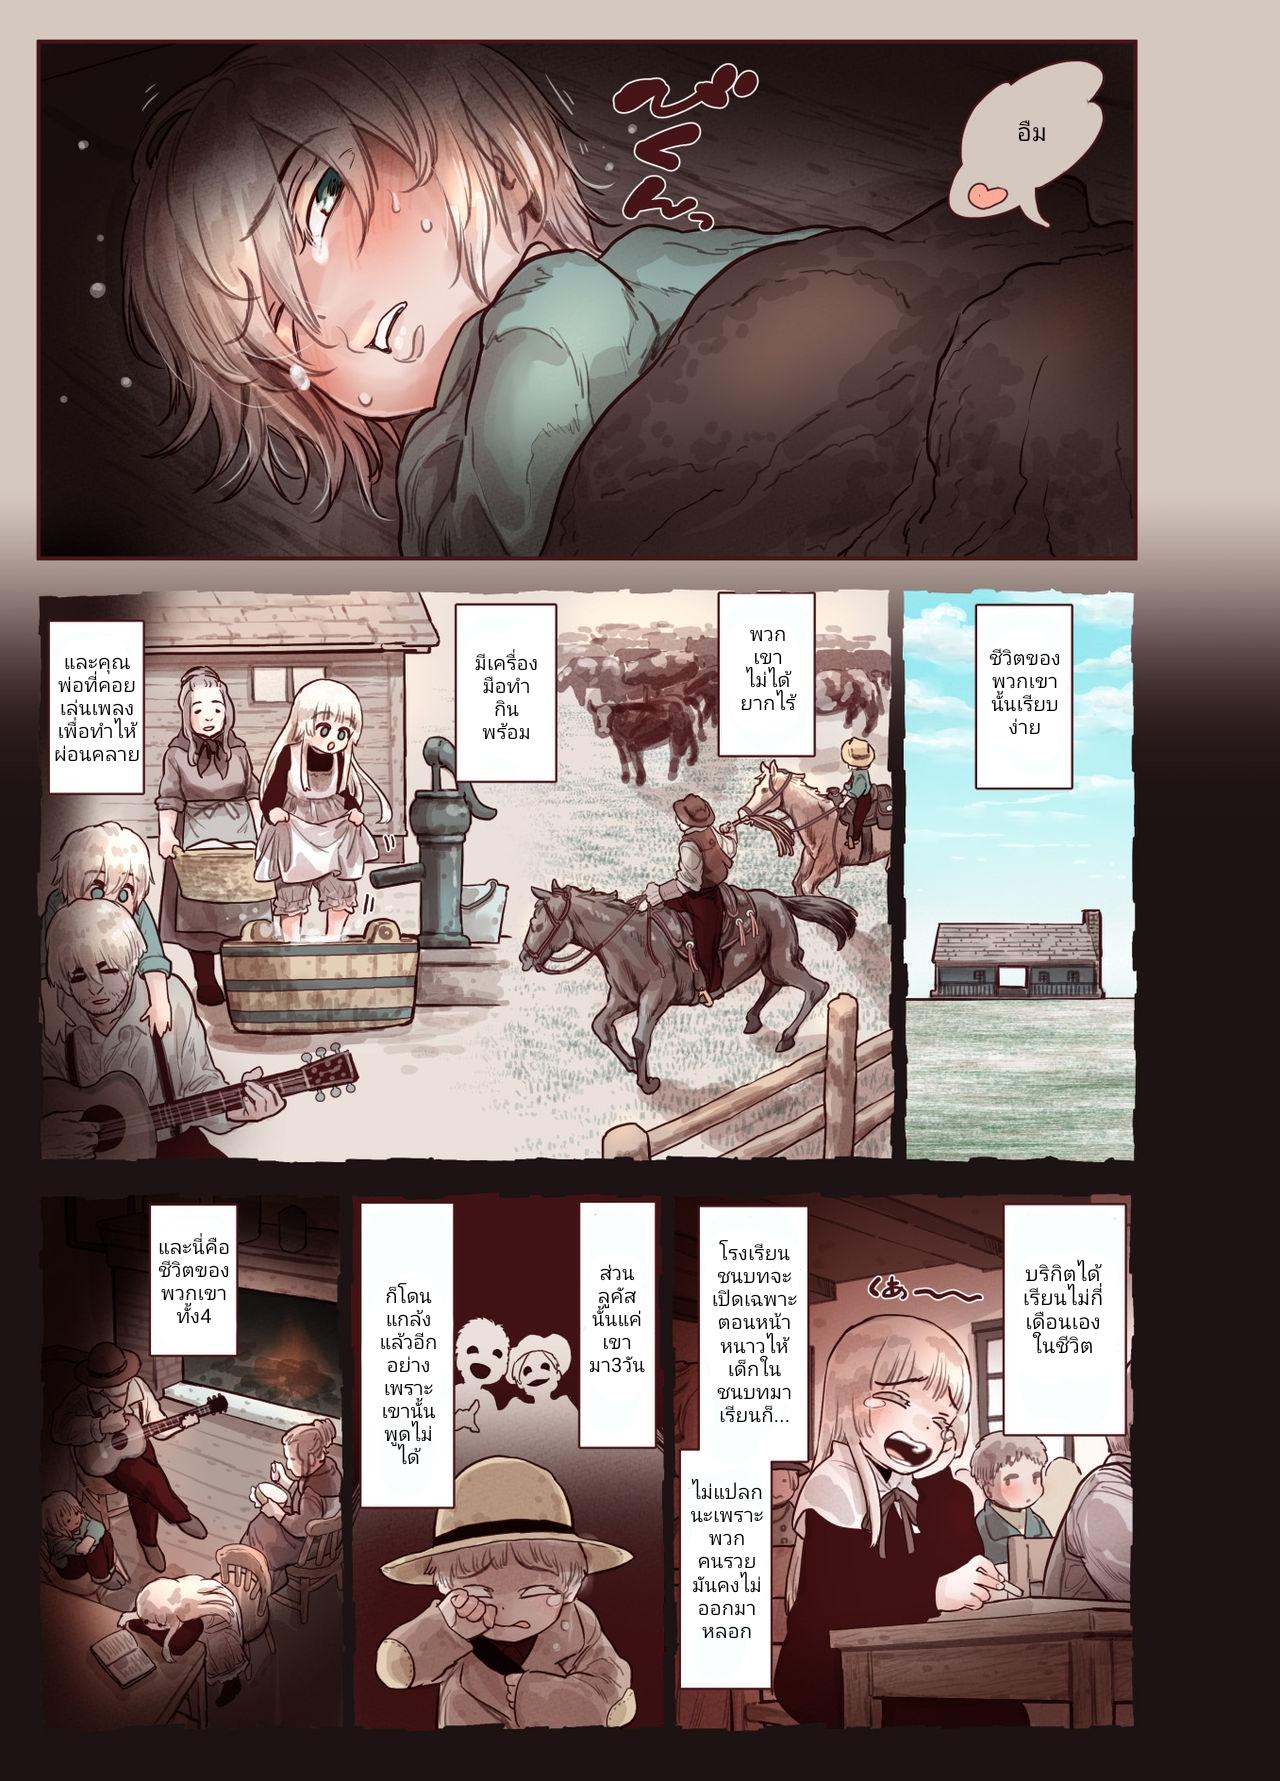 บาปและความลับ ภาพ 9